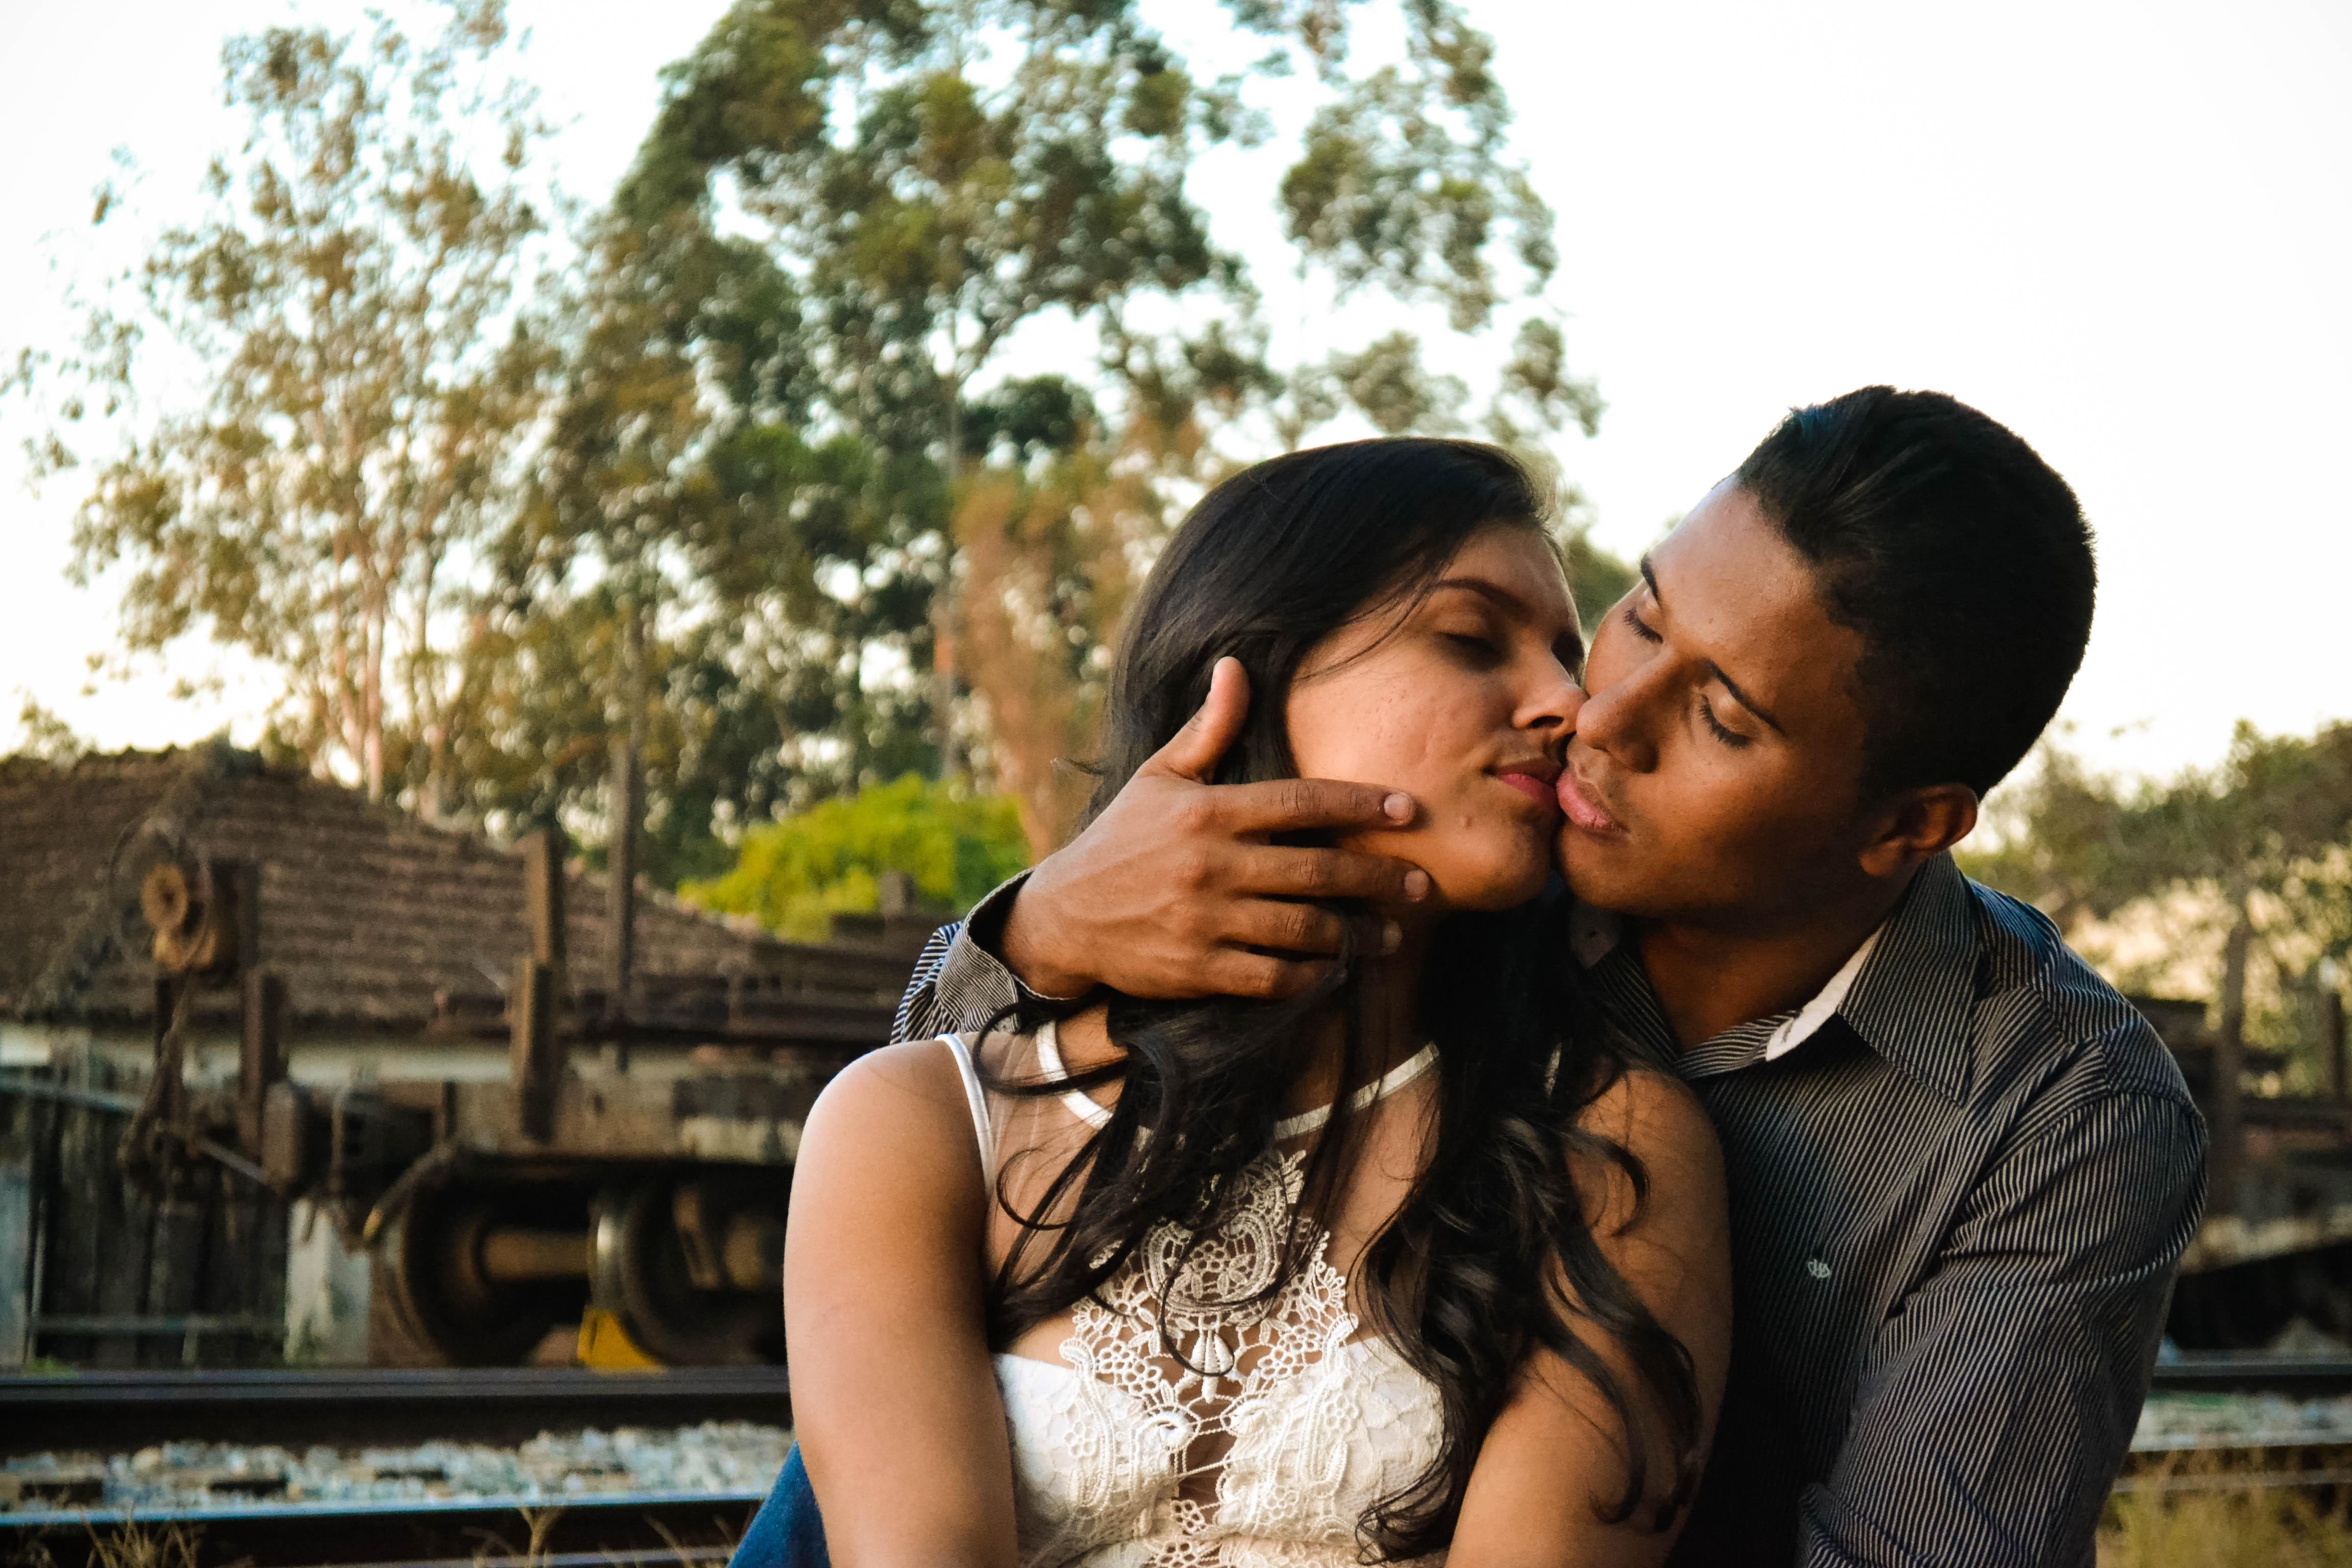 vapaa dating vapaa haku Filipina sydämet matchmaking Co